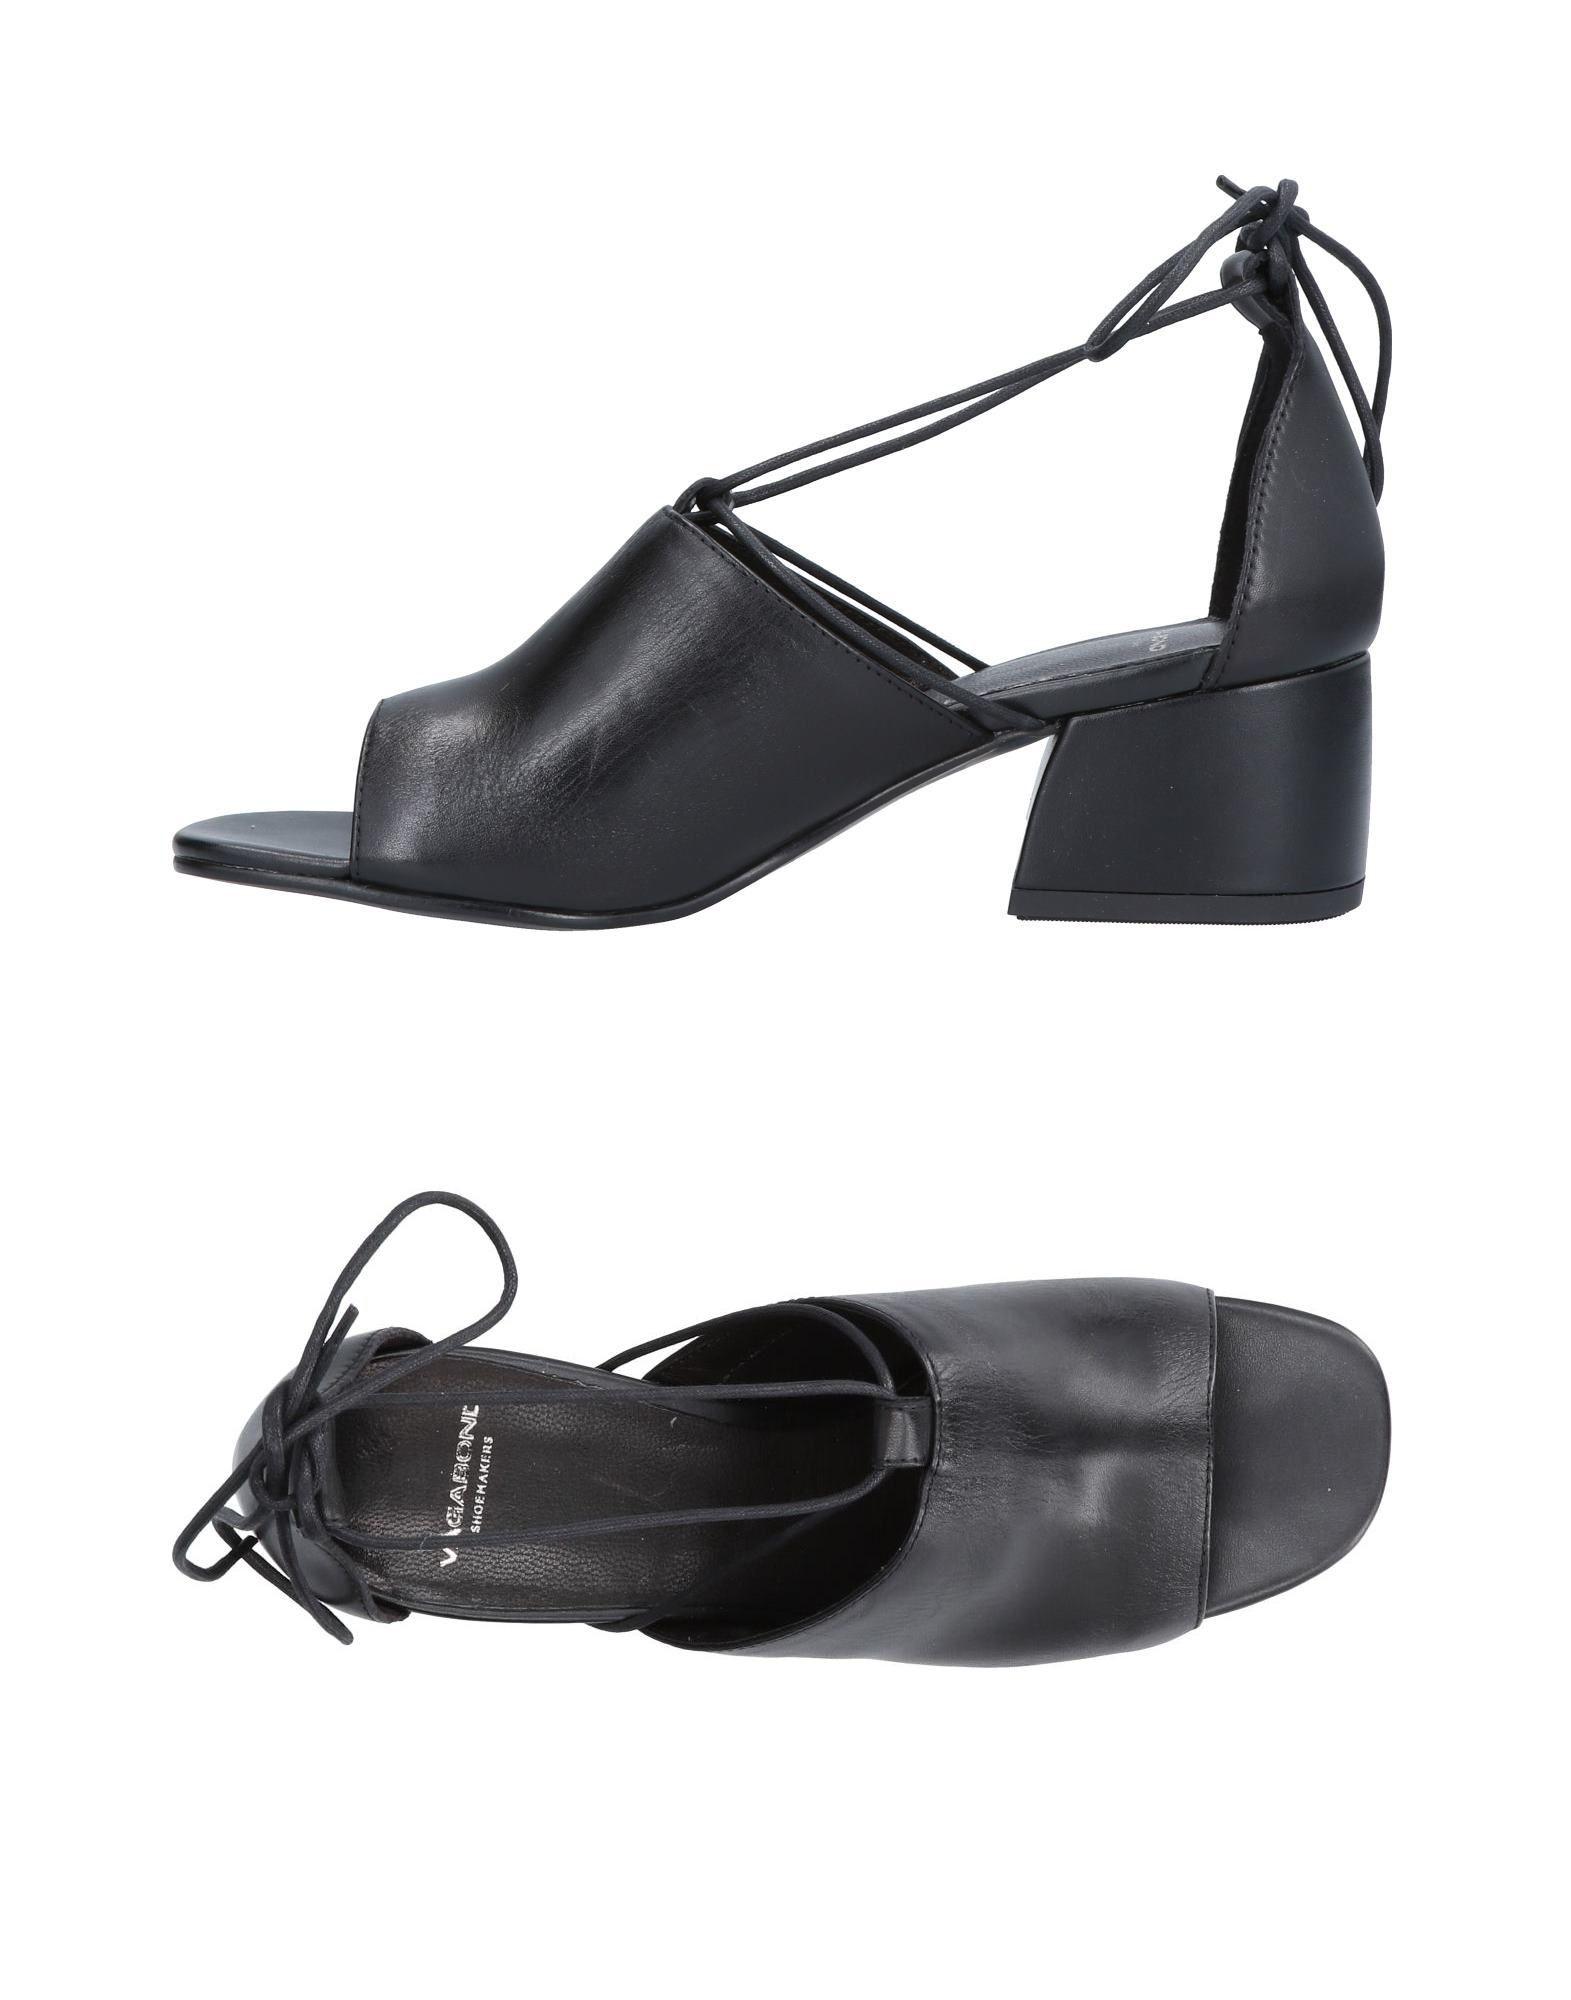 Vagabond Shoemakers Sandals - Women Vagabond  Shoemakers Sandals online on  Vagabond Australia - 11479440GC 13f153